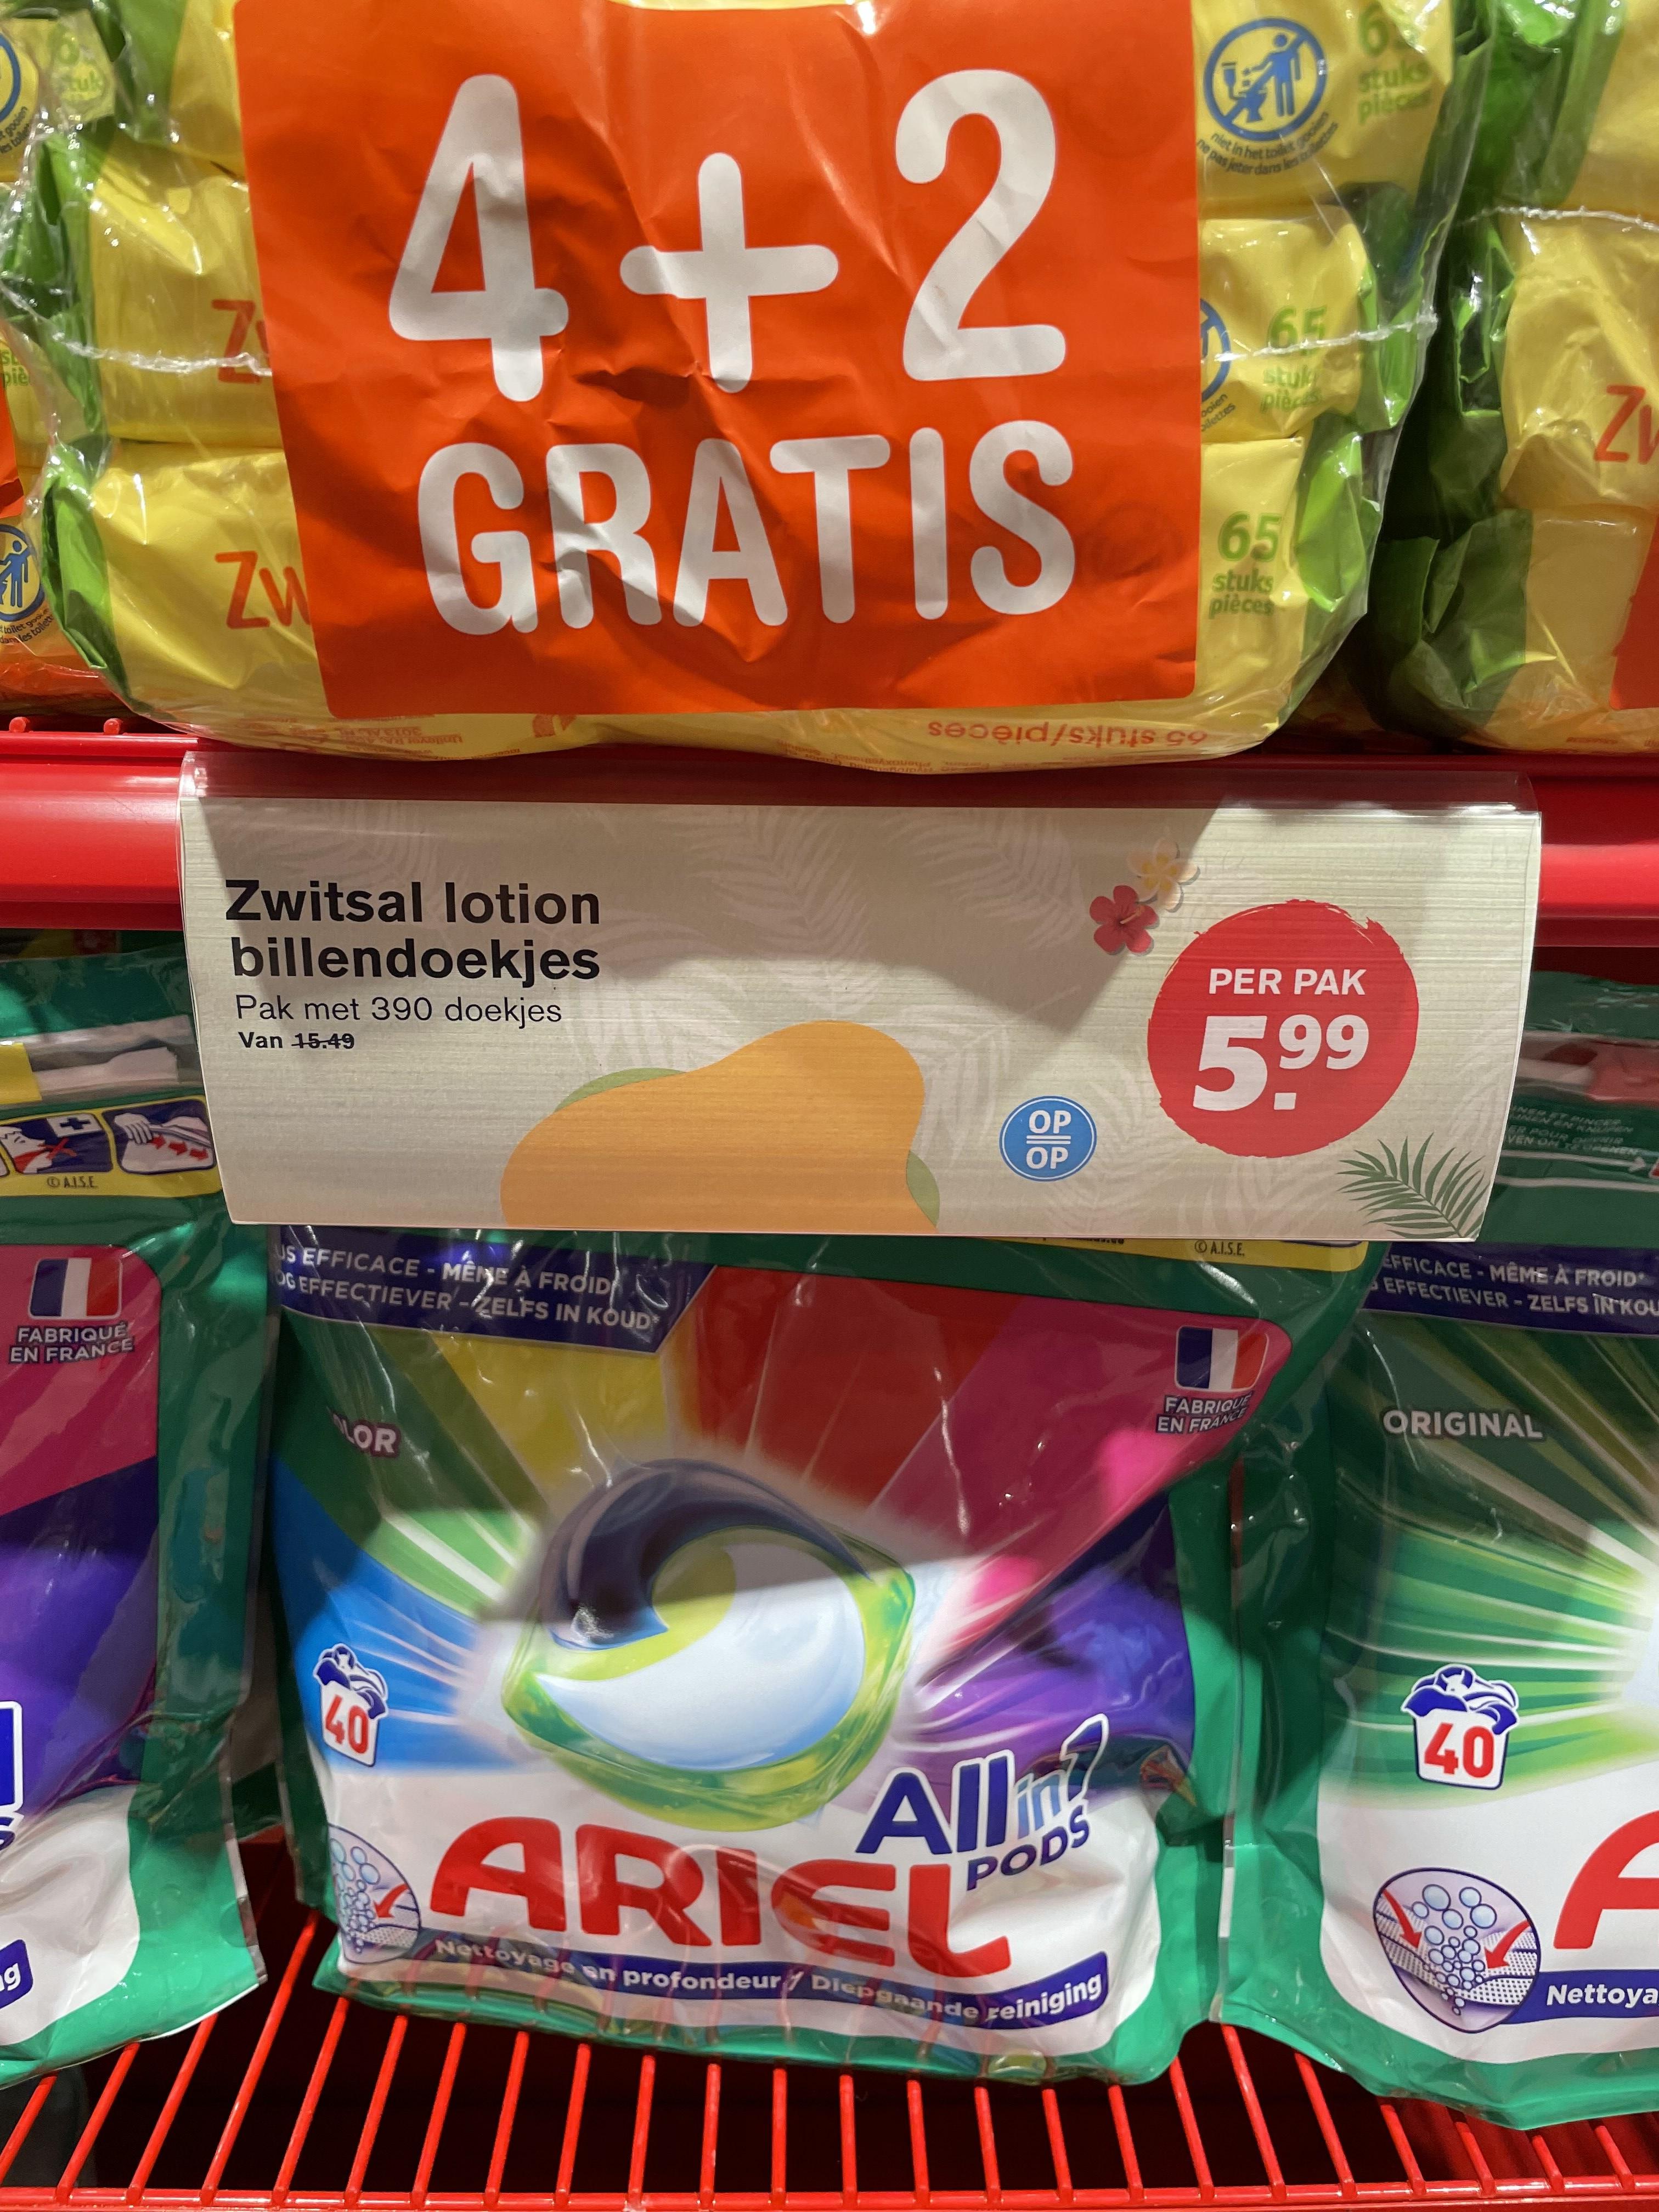 [LOKAAL?] 6 pakken Zwitsal lotion billendoekjes voor € 5,99 bij Hoogvliet